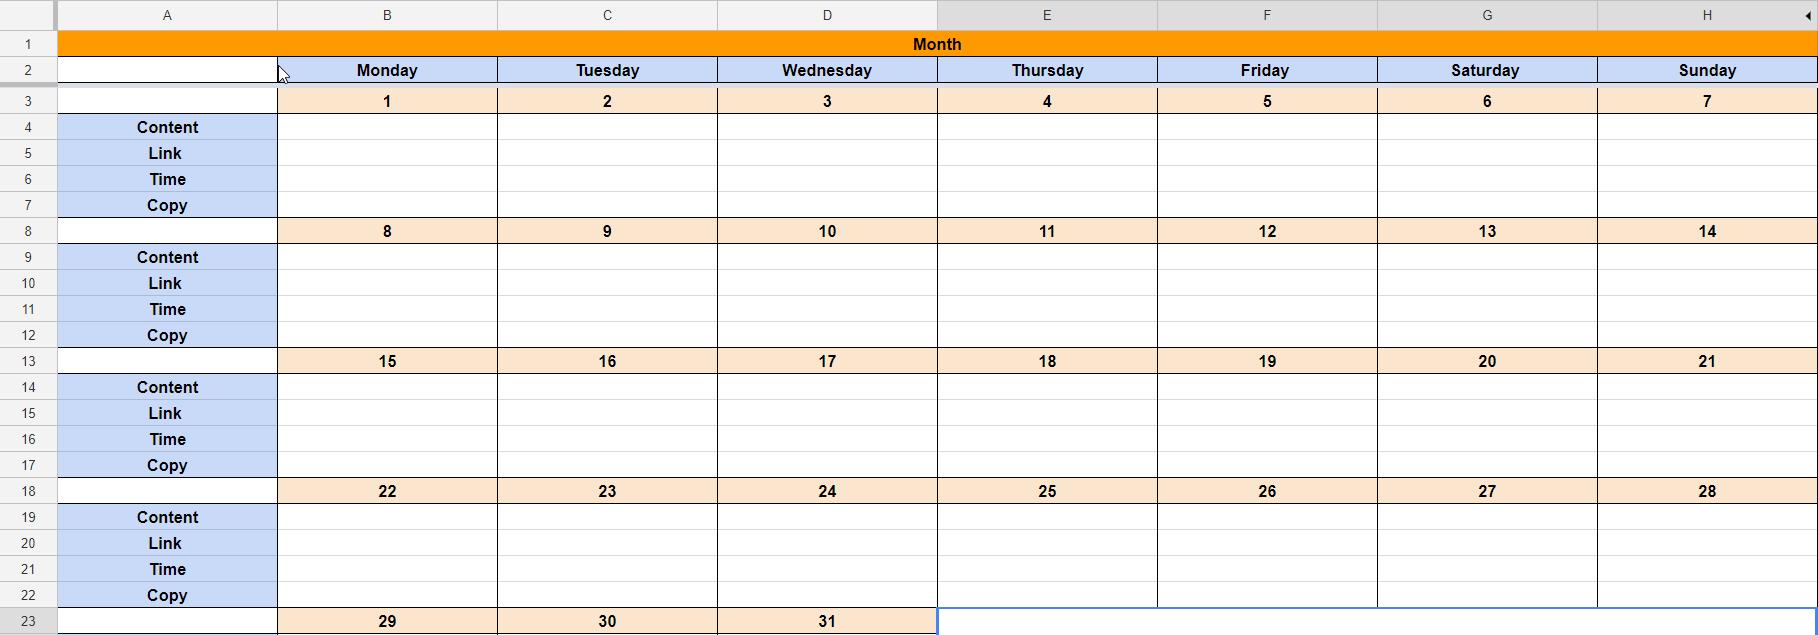 Facebook social media calendar example